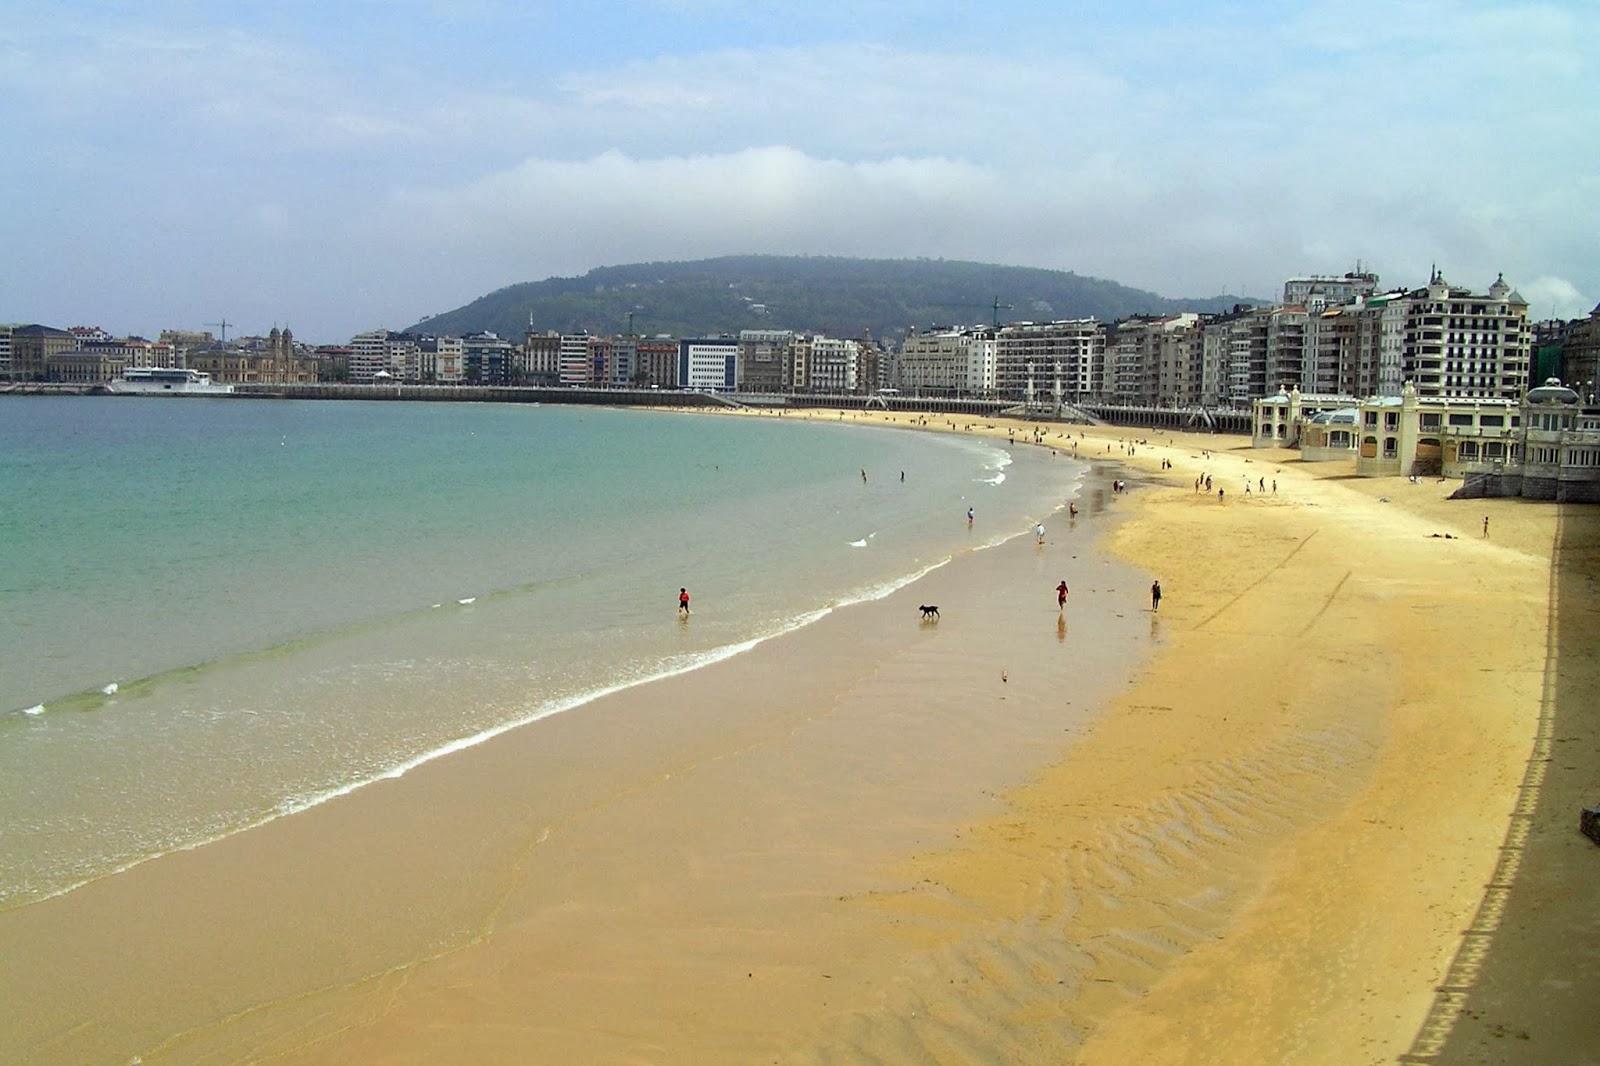 Las playas de Ondarreta y La Concha.